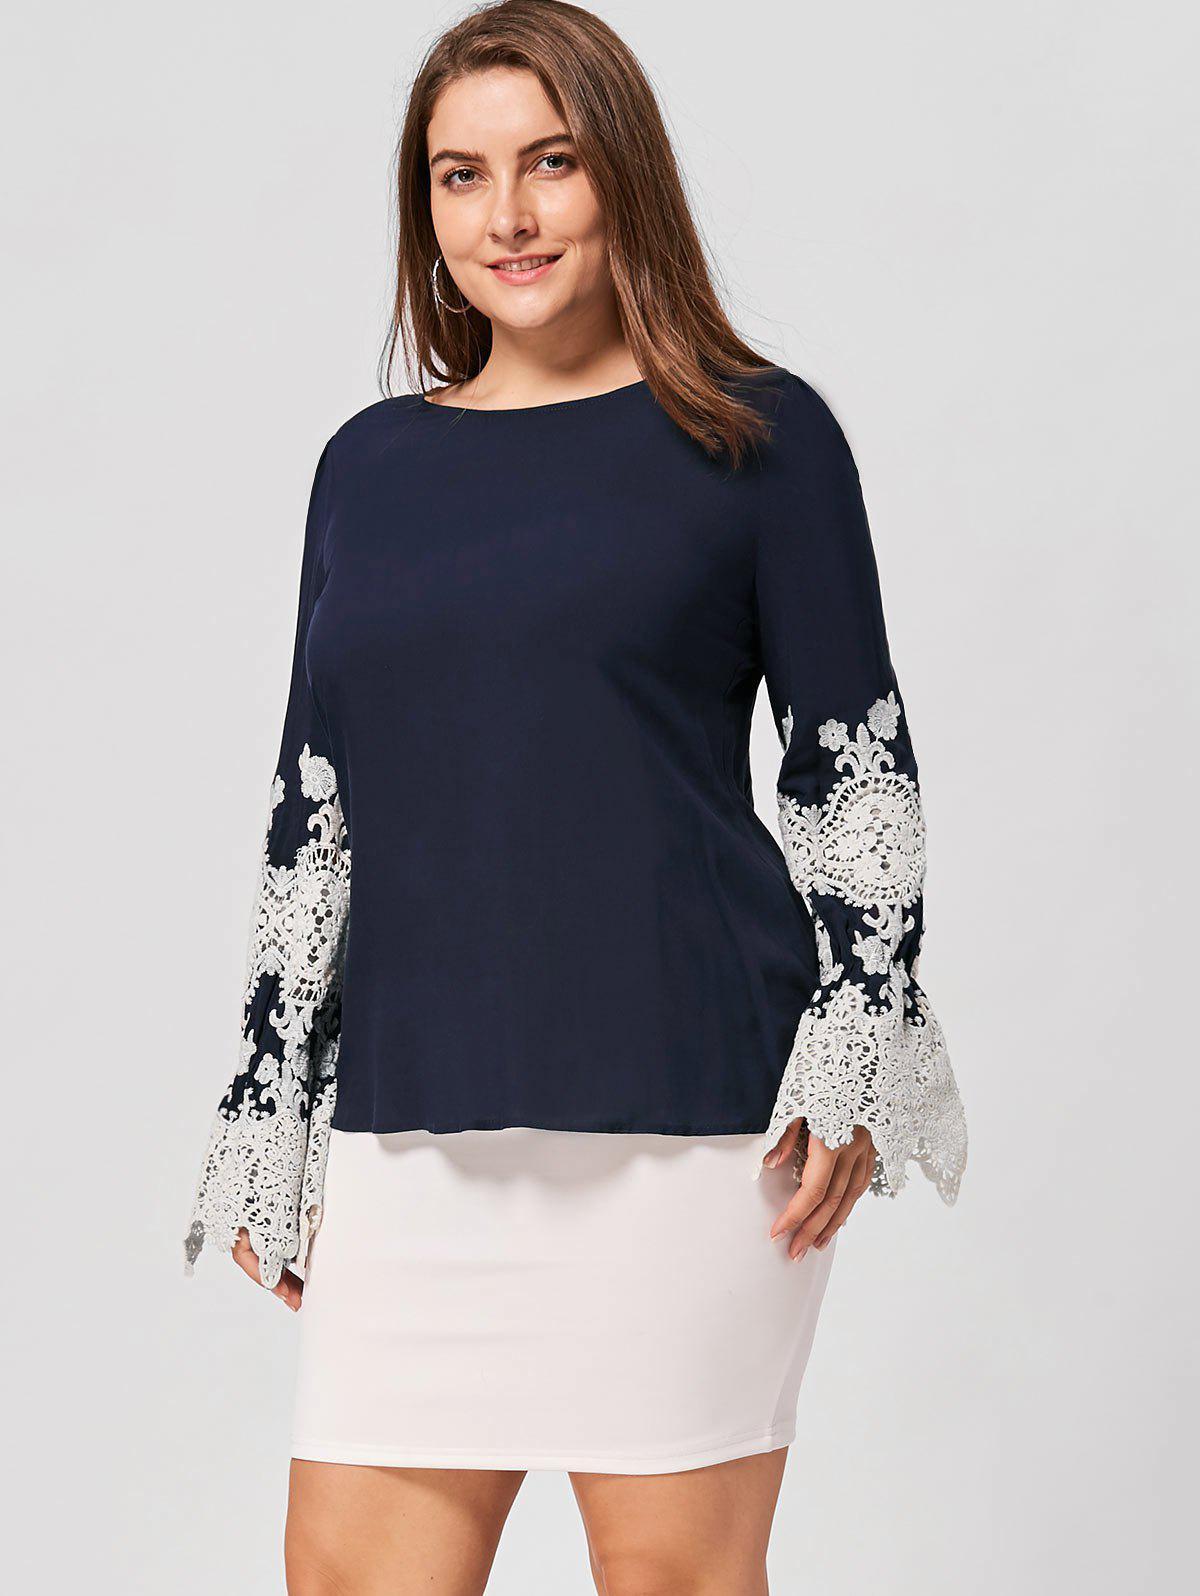 Plus Size Lace Trim High Low Bluse